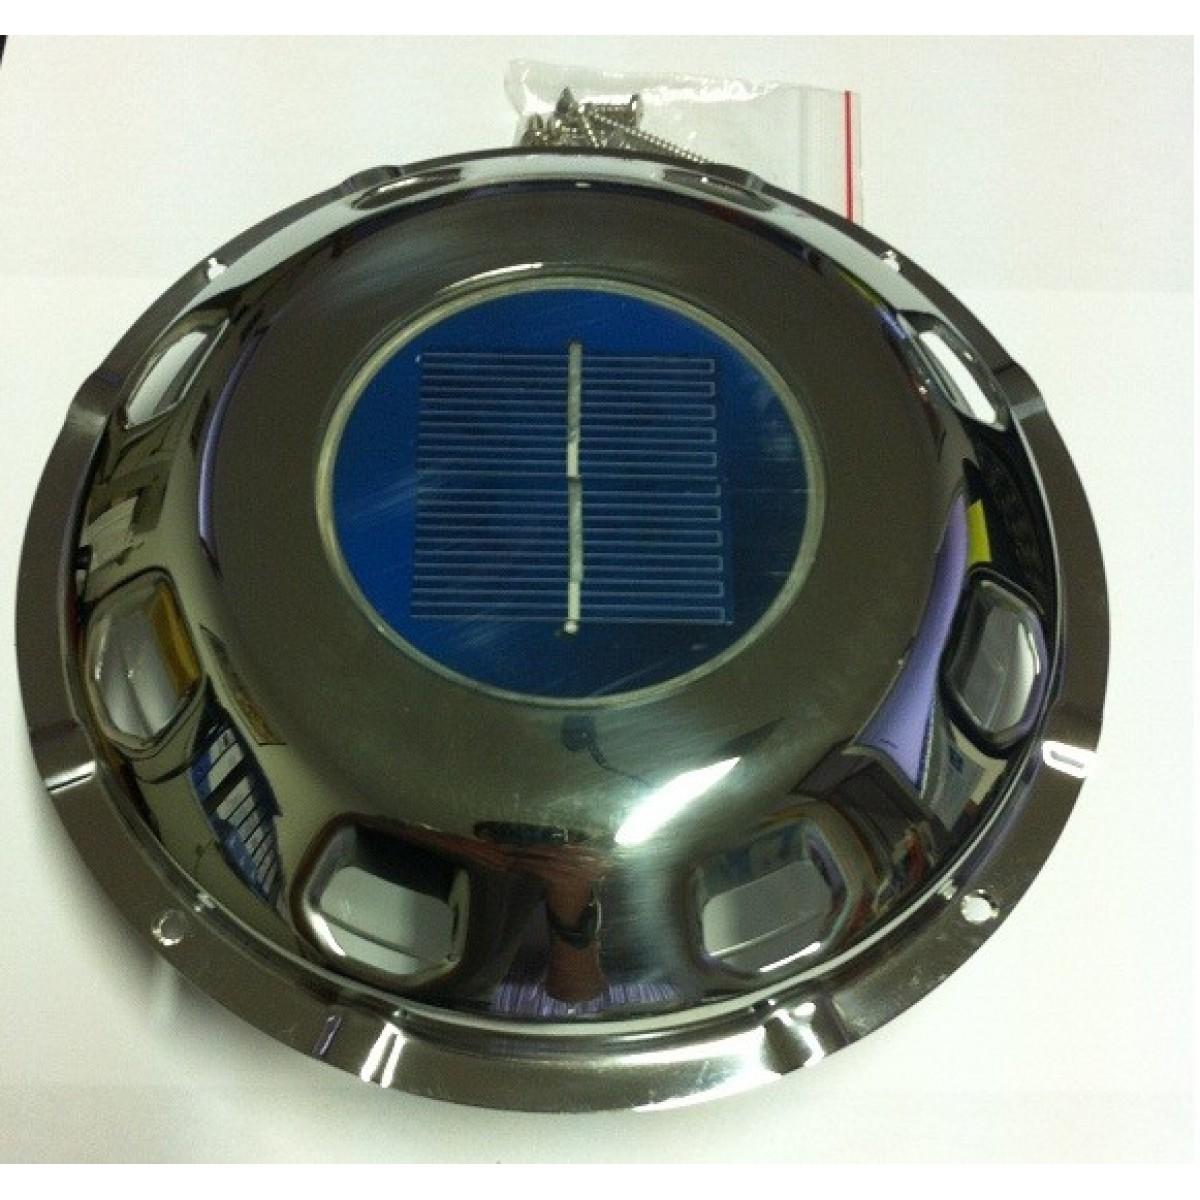 Ventilatore Con Pannello Solare : Areatore con pannello solare attrezzature di coperta